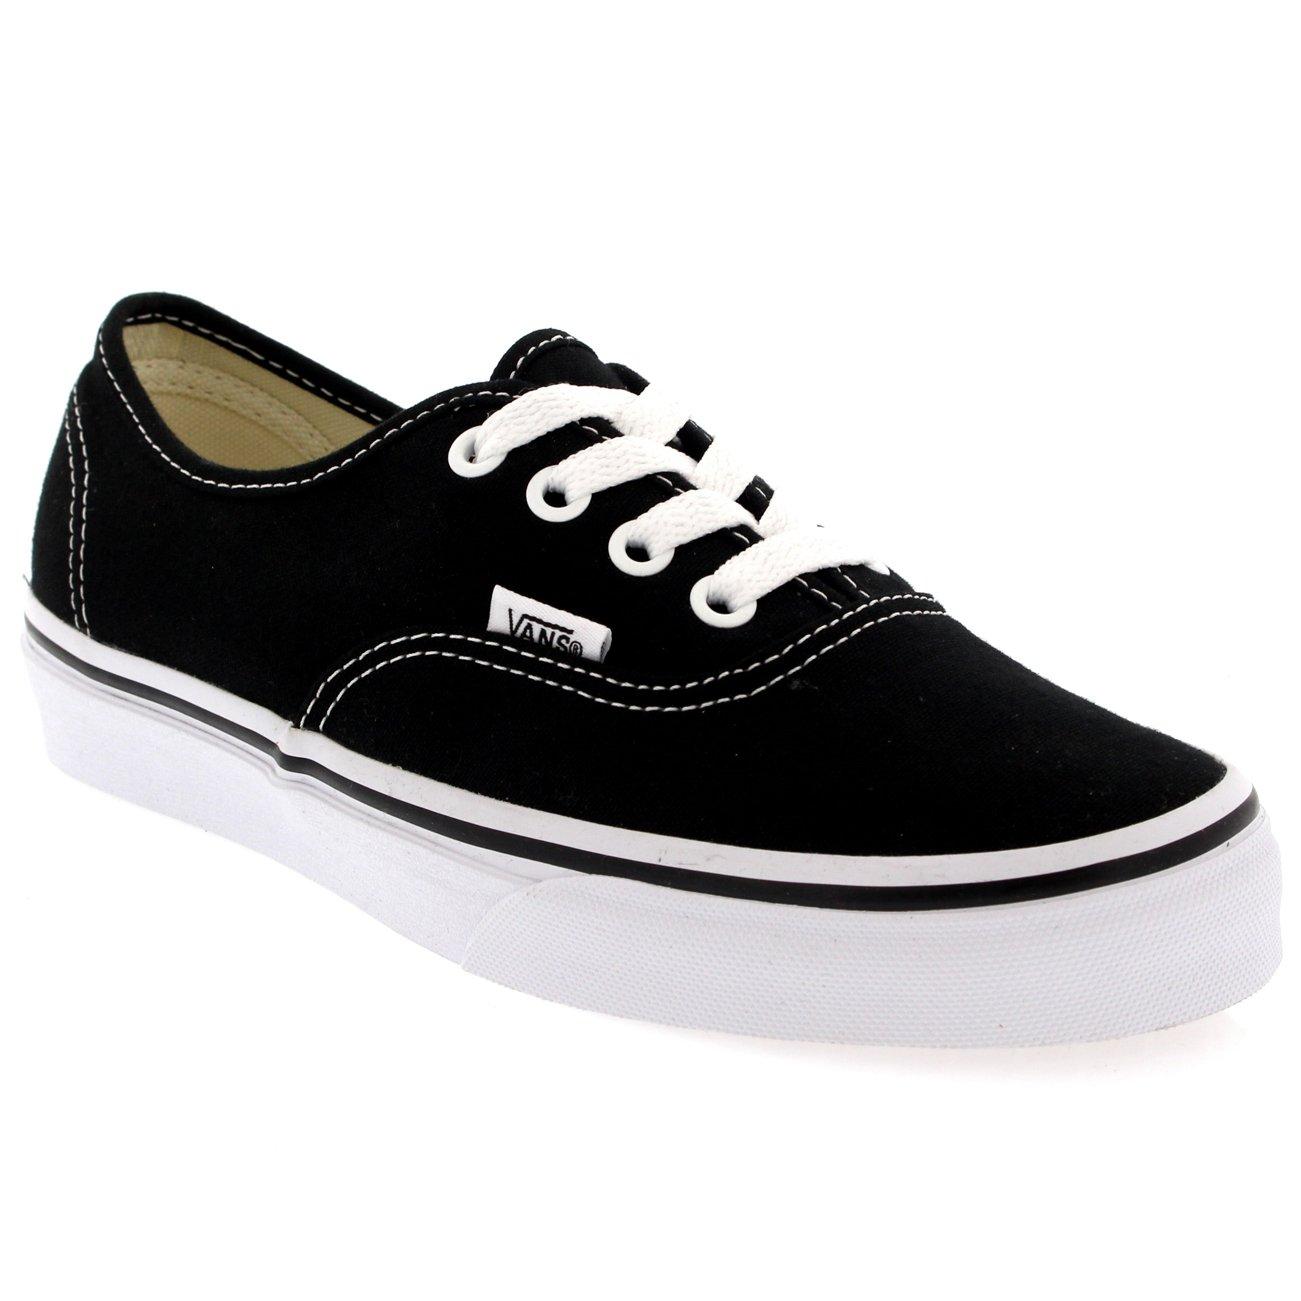 Vans Authentic Unisex Skate Trainers Shoes Black 8.5 B(M) US Women/7 D(M) US Men